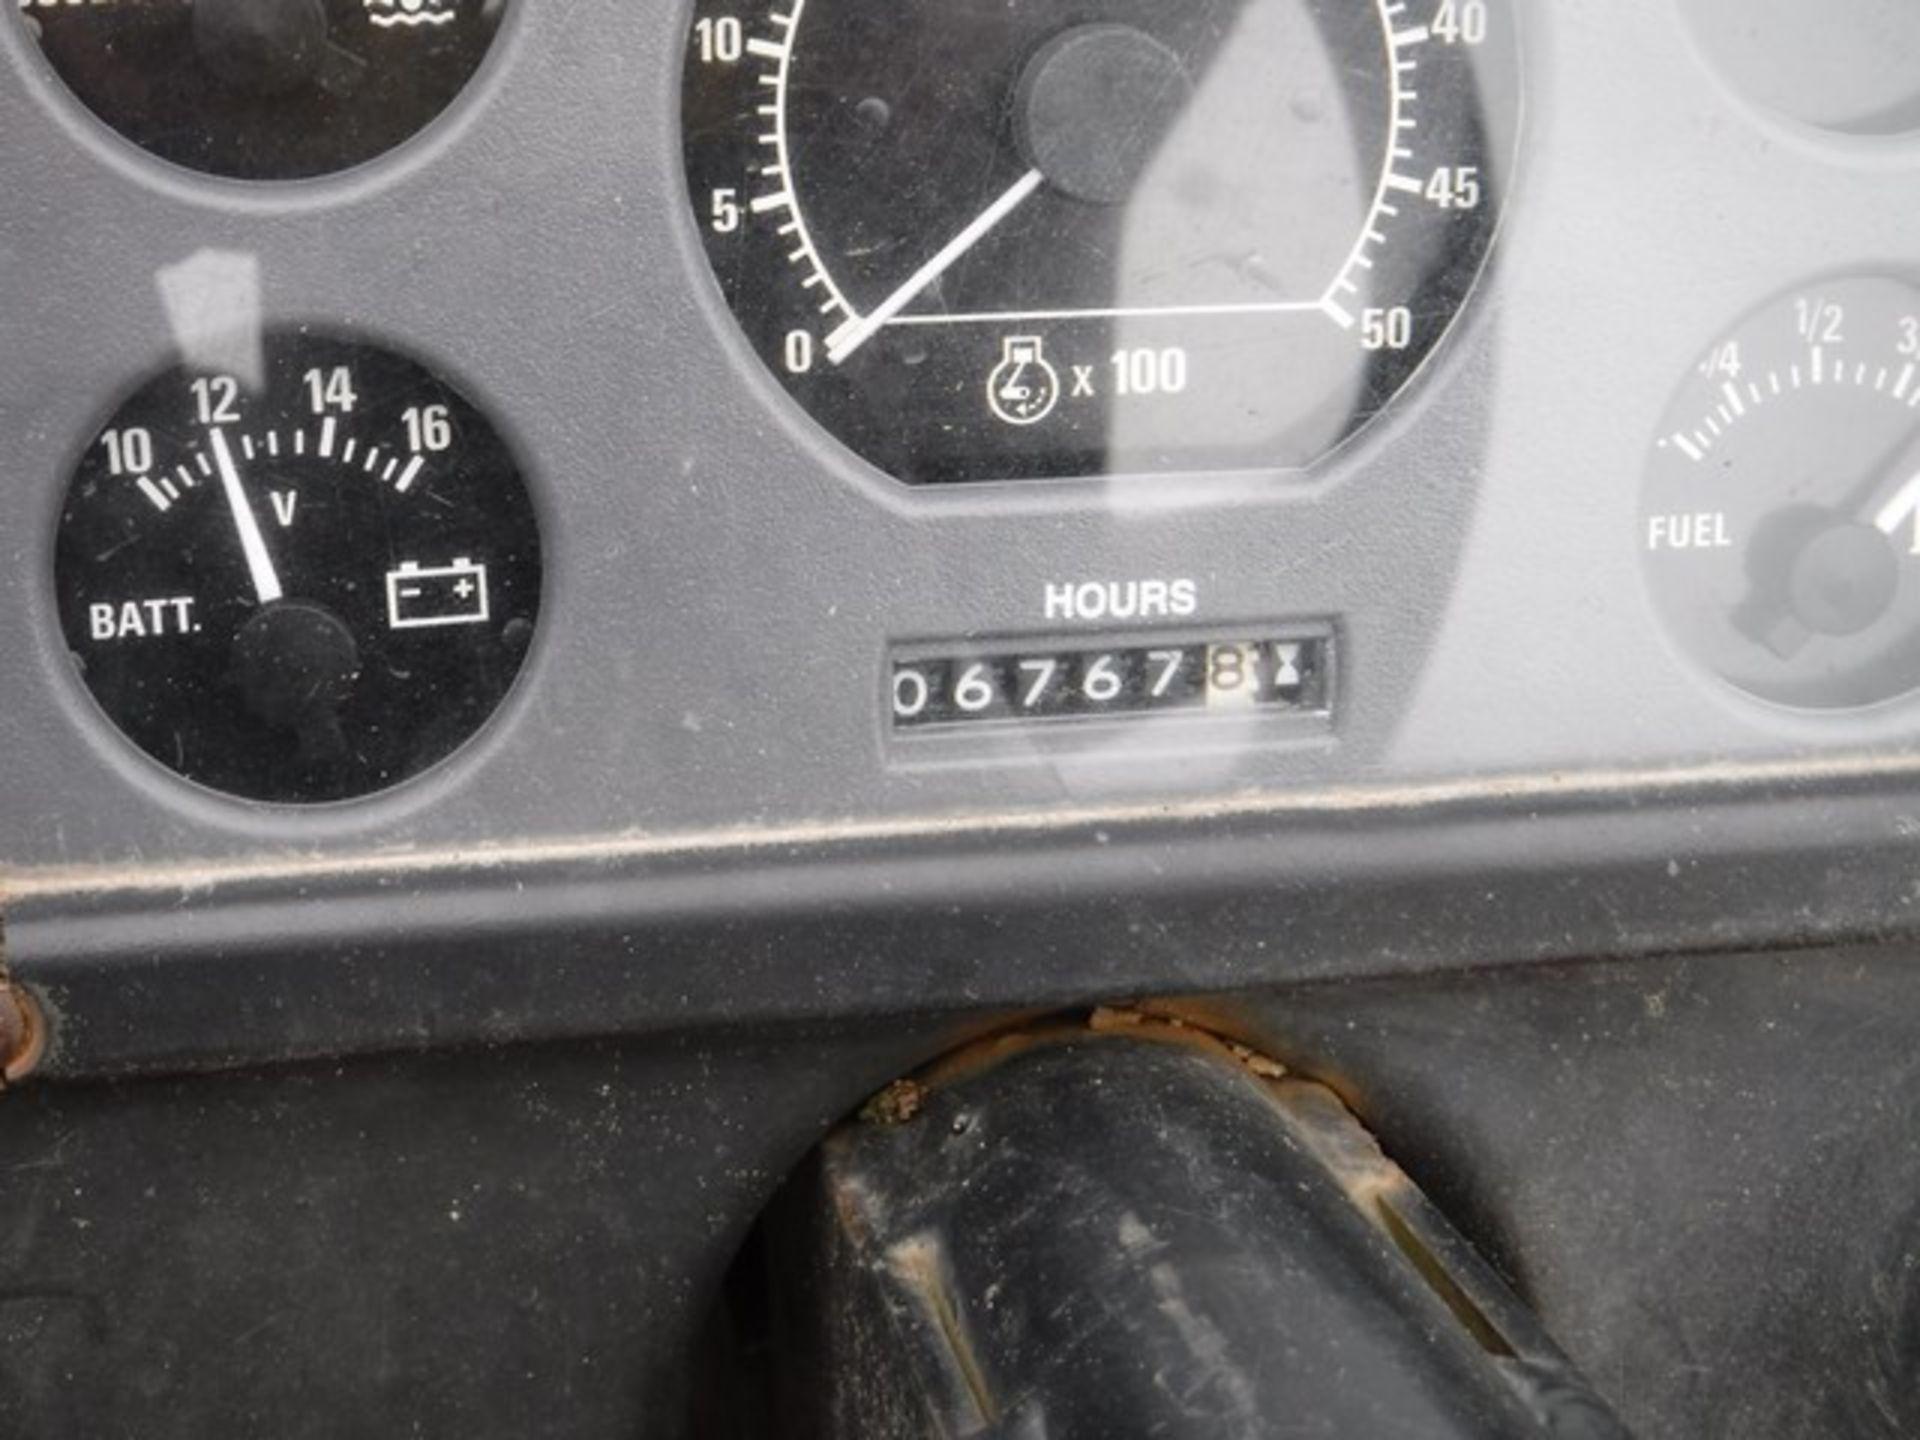 Lot 1240 - CUSHMAN TURF TRUCKSTER 6767hrs (NOT VERIFIED)